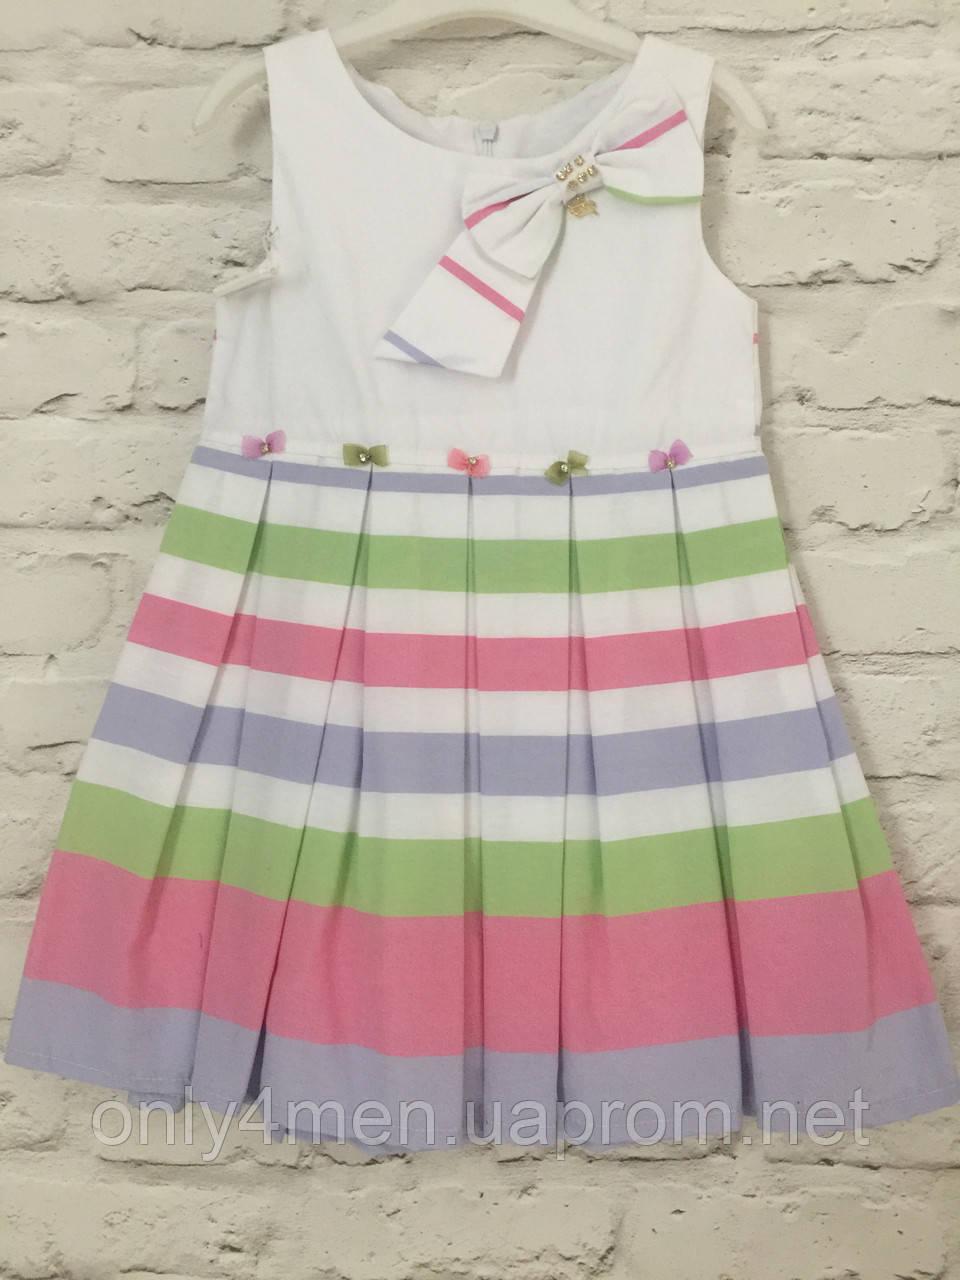 Платья для девочек  , одежда для девочек 92-110 см